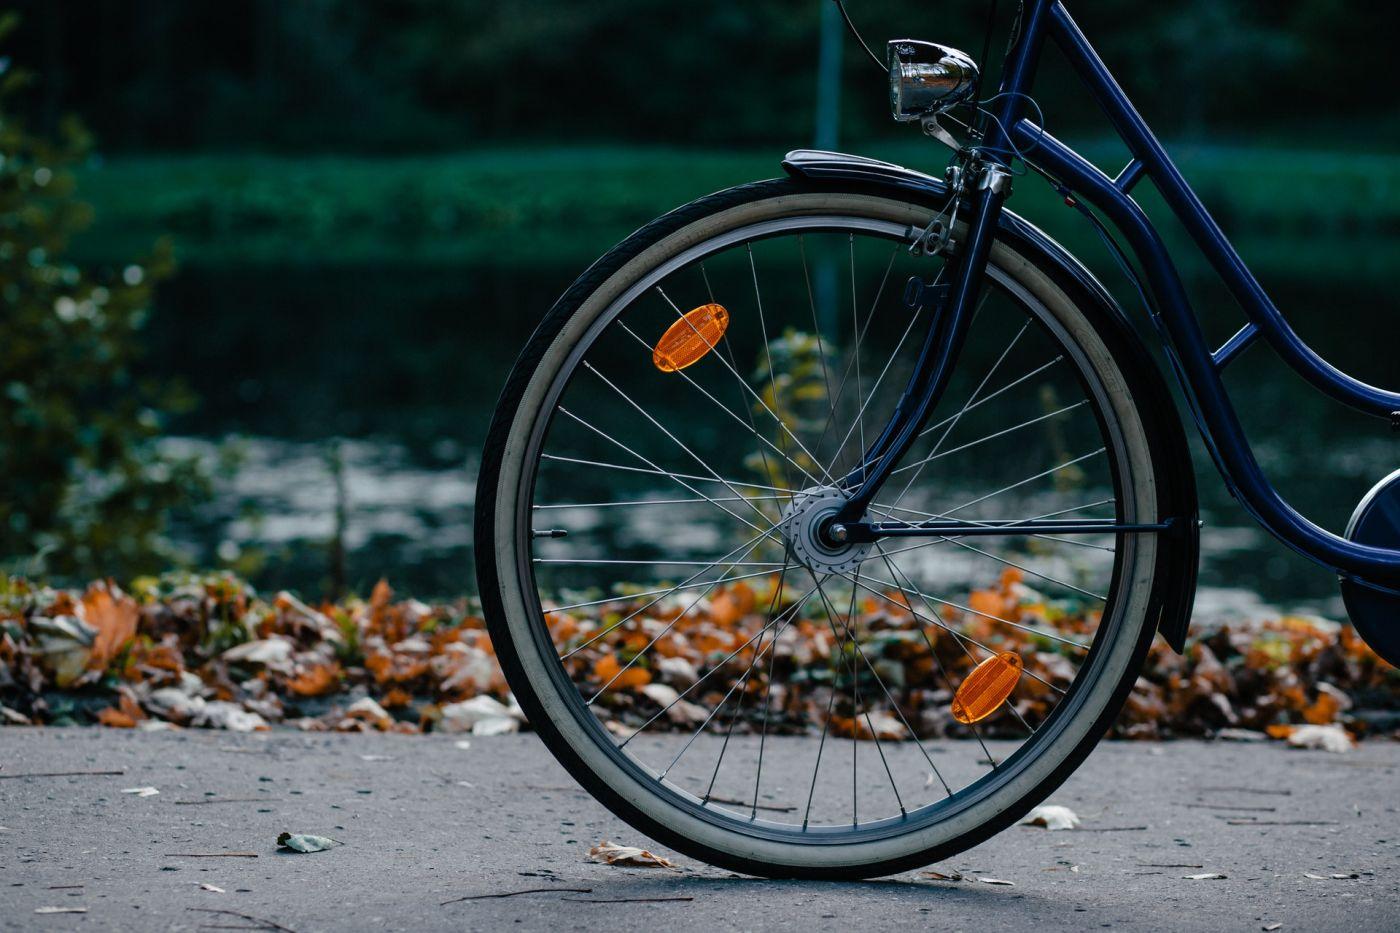 Mohammad Murad și mersul pe bicicletă